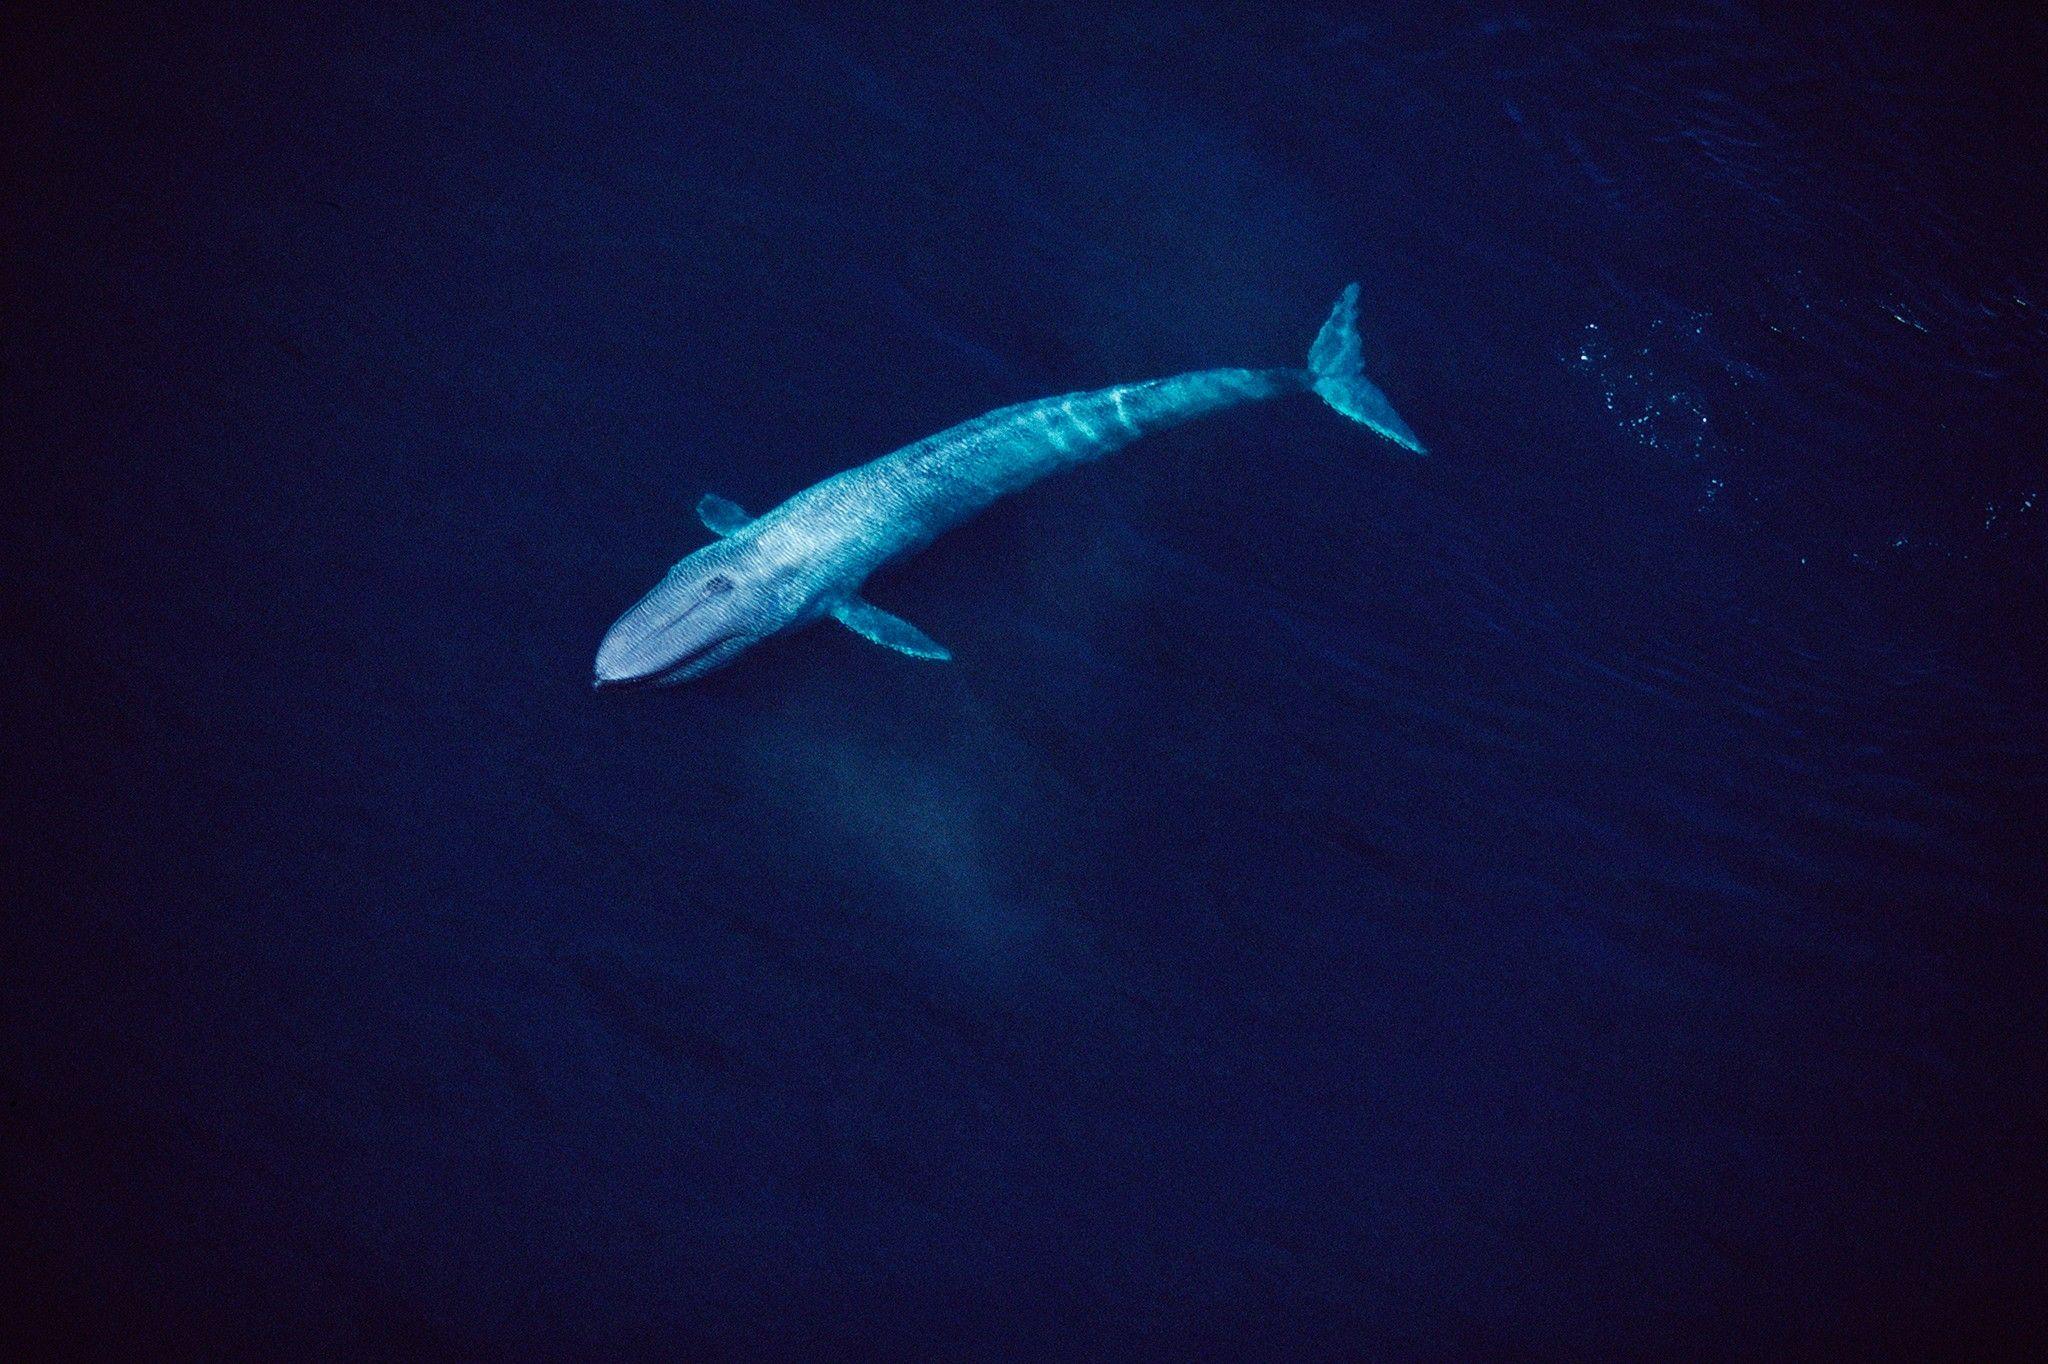 Größtes Blauwalfossil der Welt spaltet die Forschergemeinde